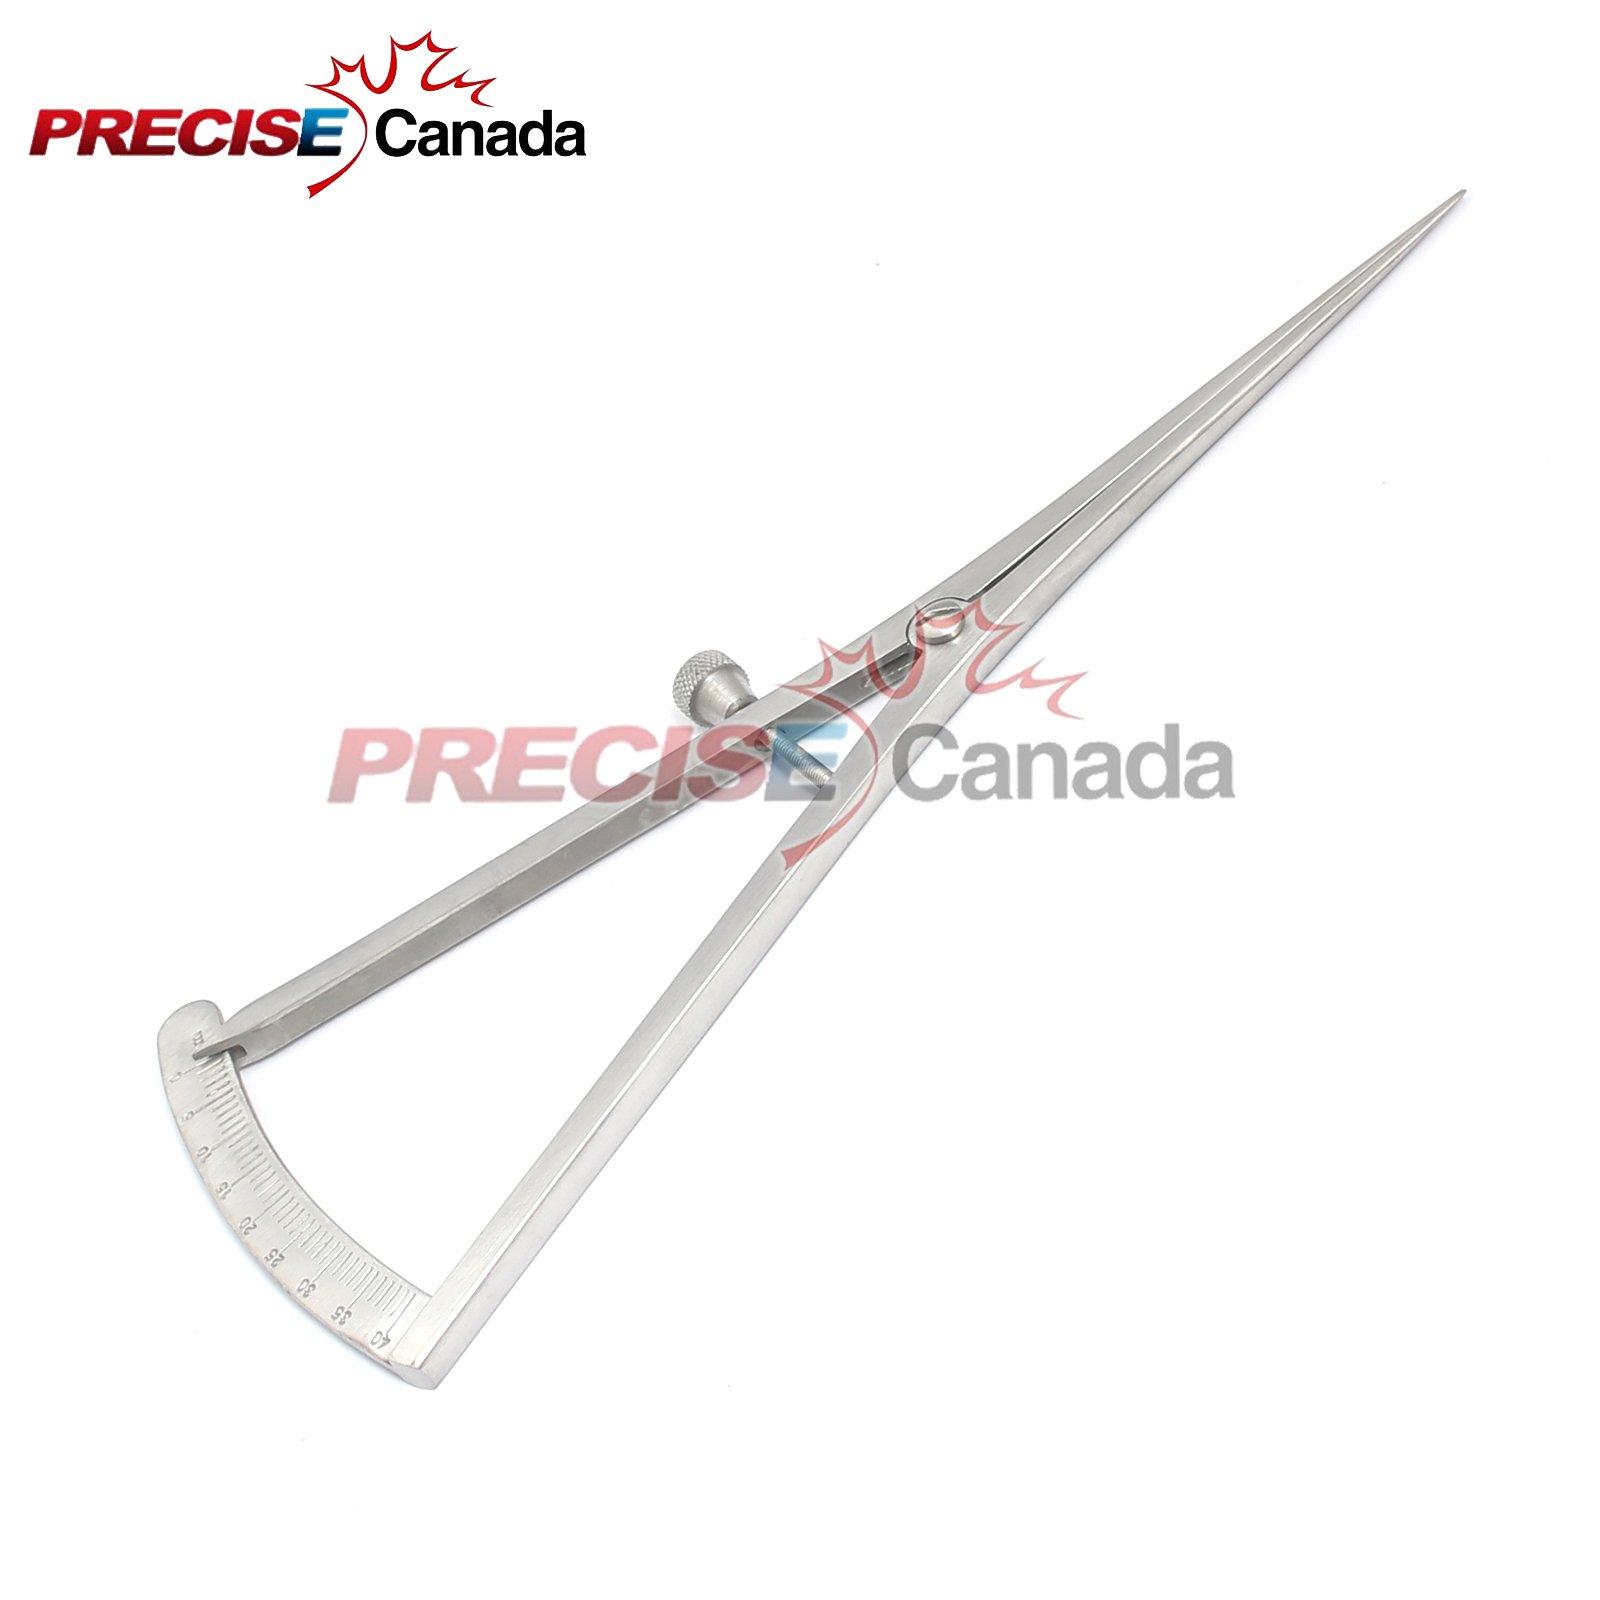 PRECISE CANADA: CASTROVIEJO BONE CALIPER 40MM, STRAIGHT